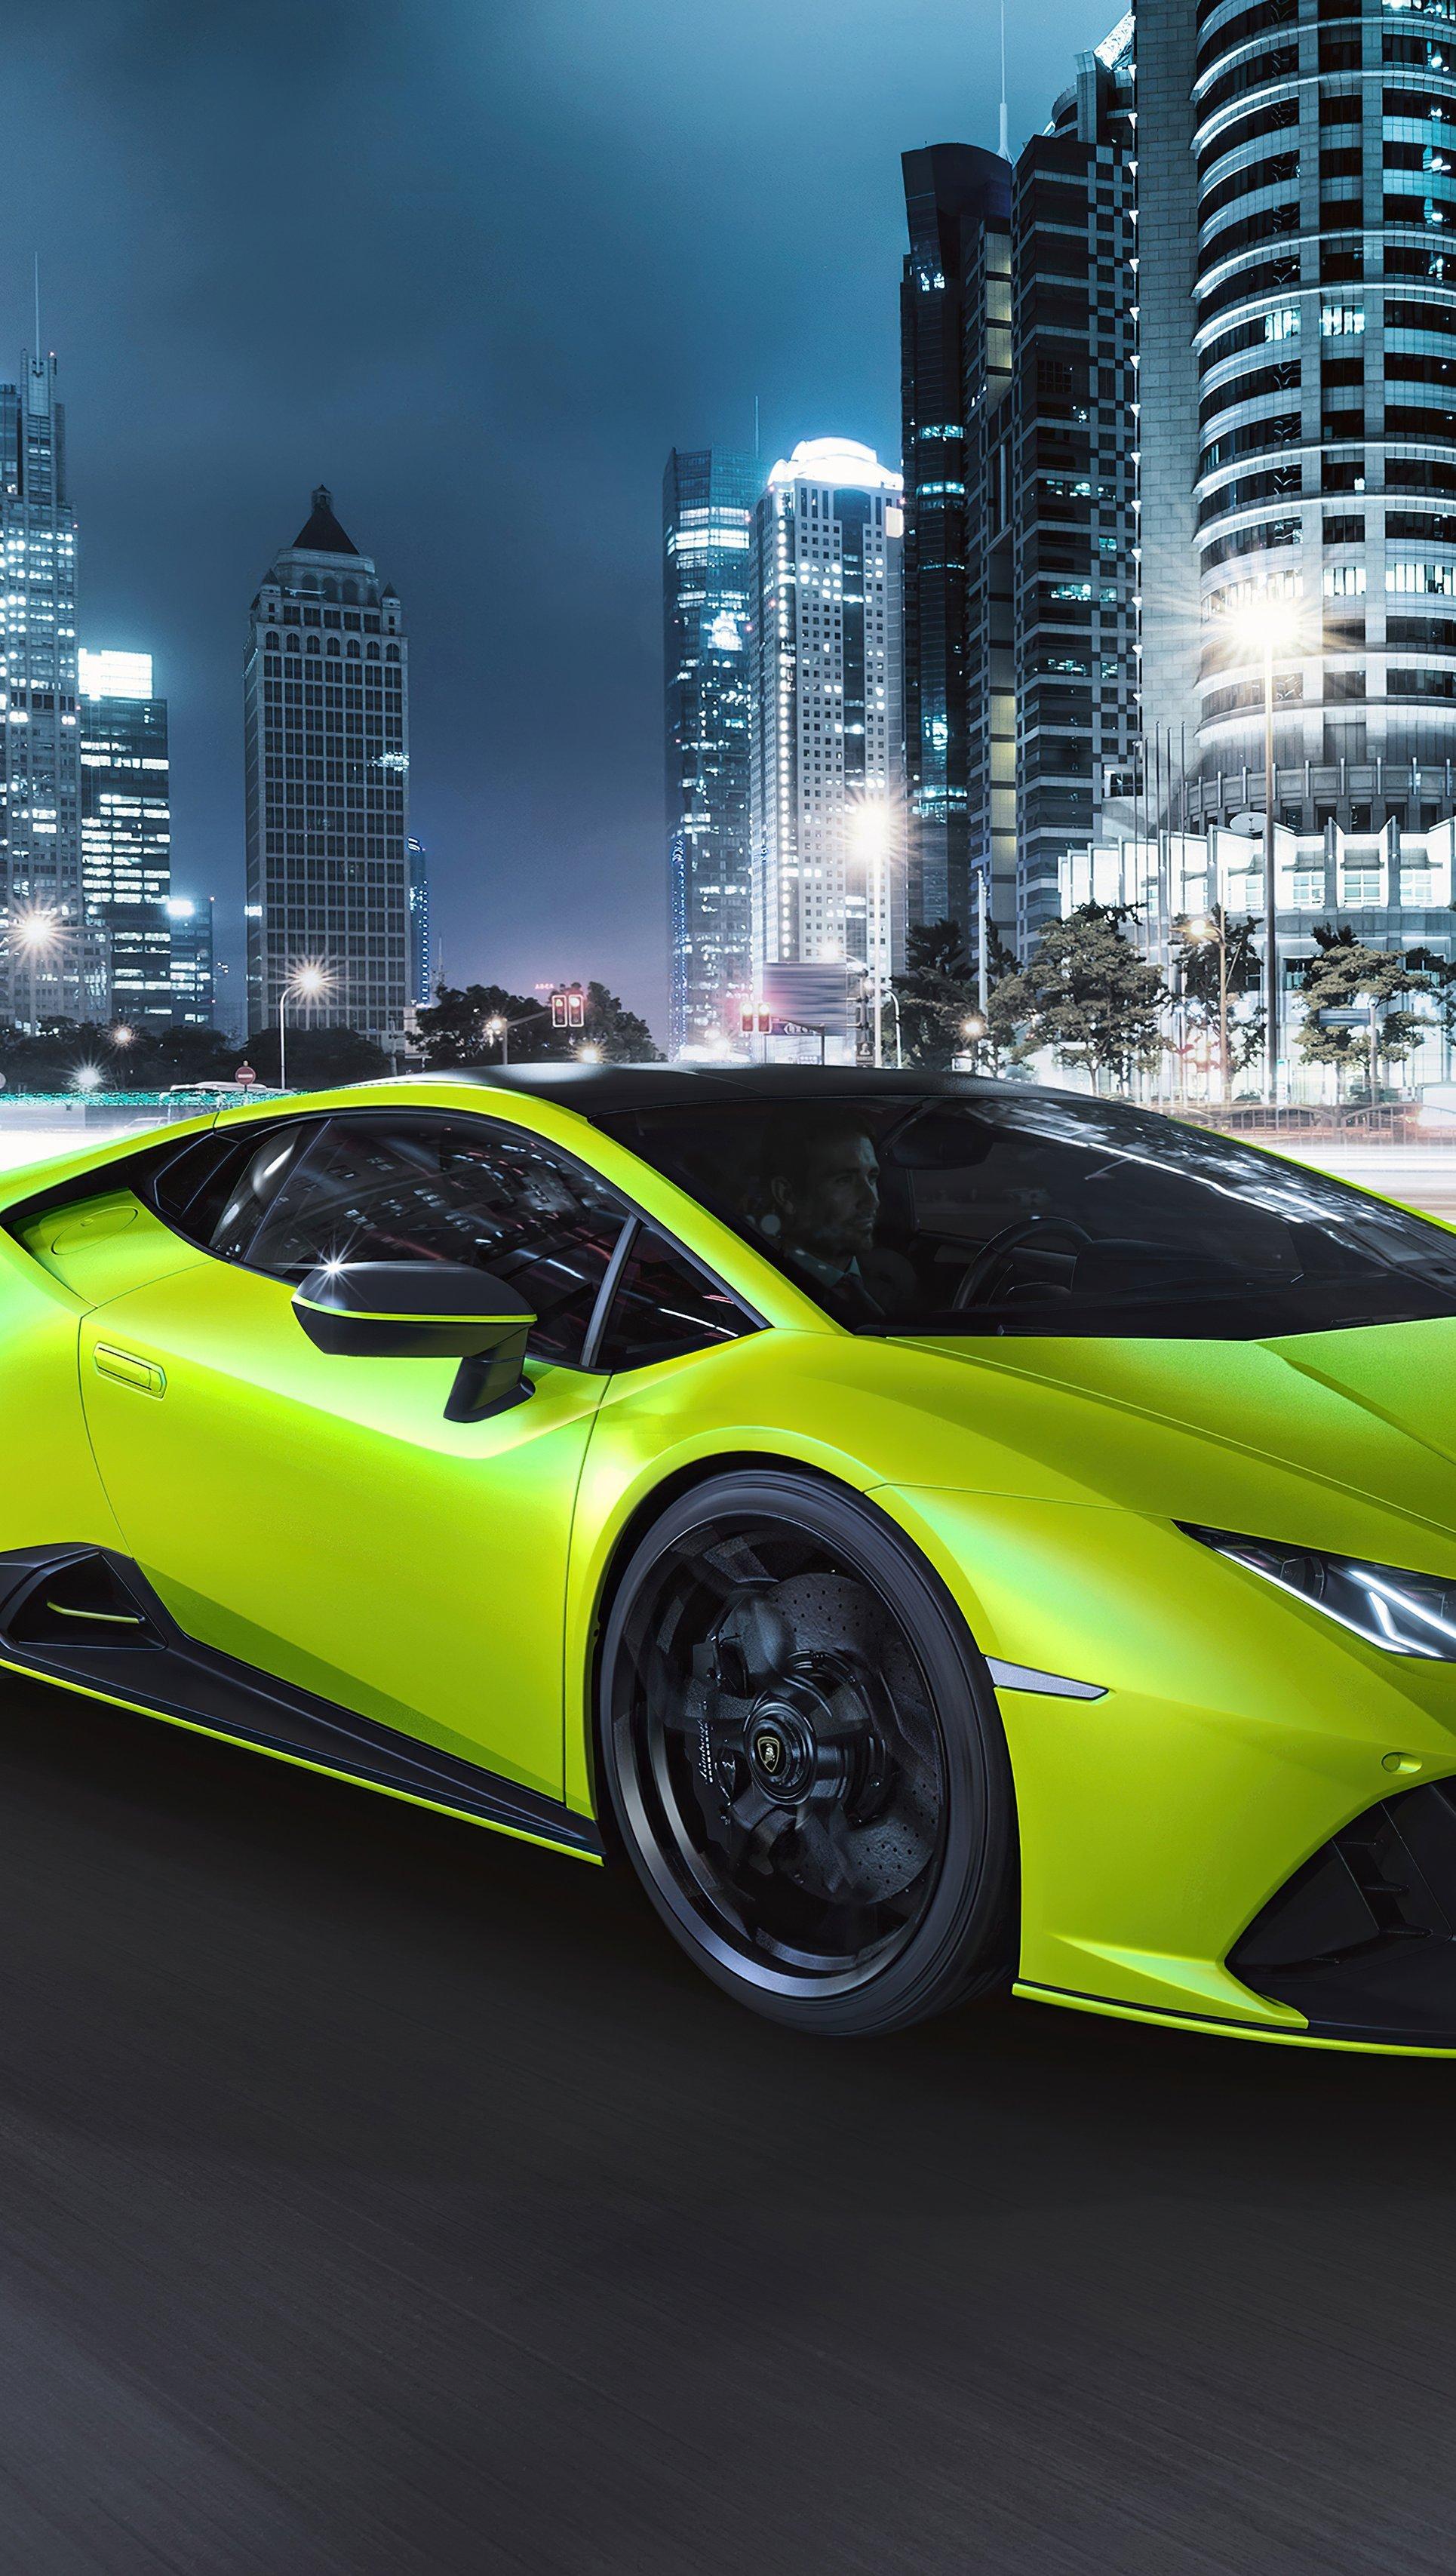 Wallpaper Lamborghini Huracan Evo Fluo Capsule 1G Vertical